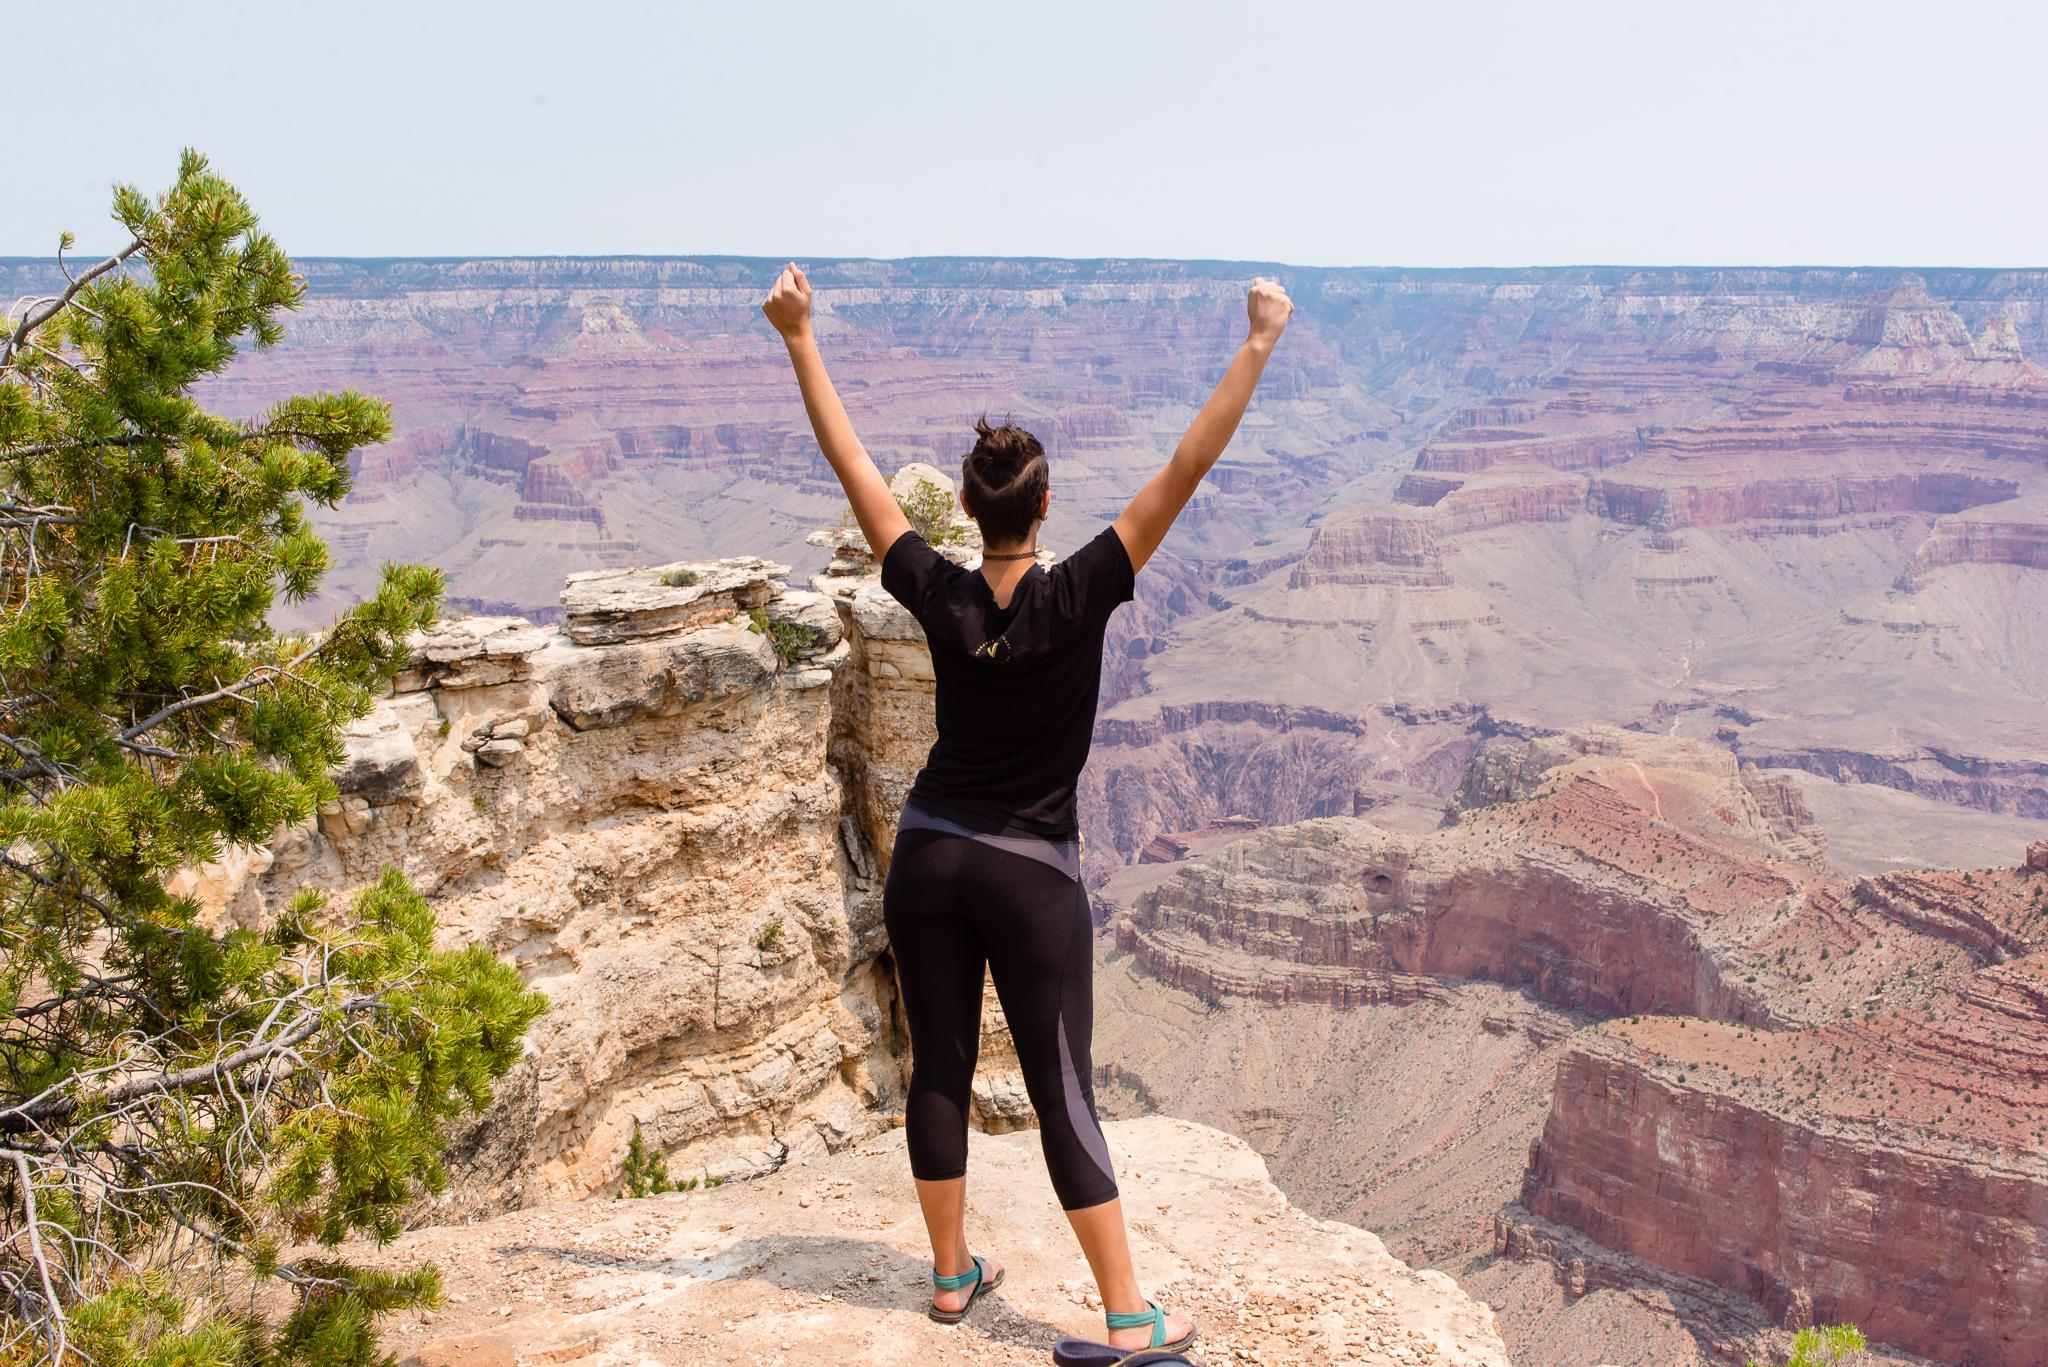 Jordan / 6/20/16 / Grand Canyon South Rim, AZ